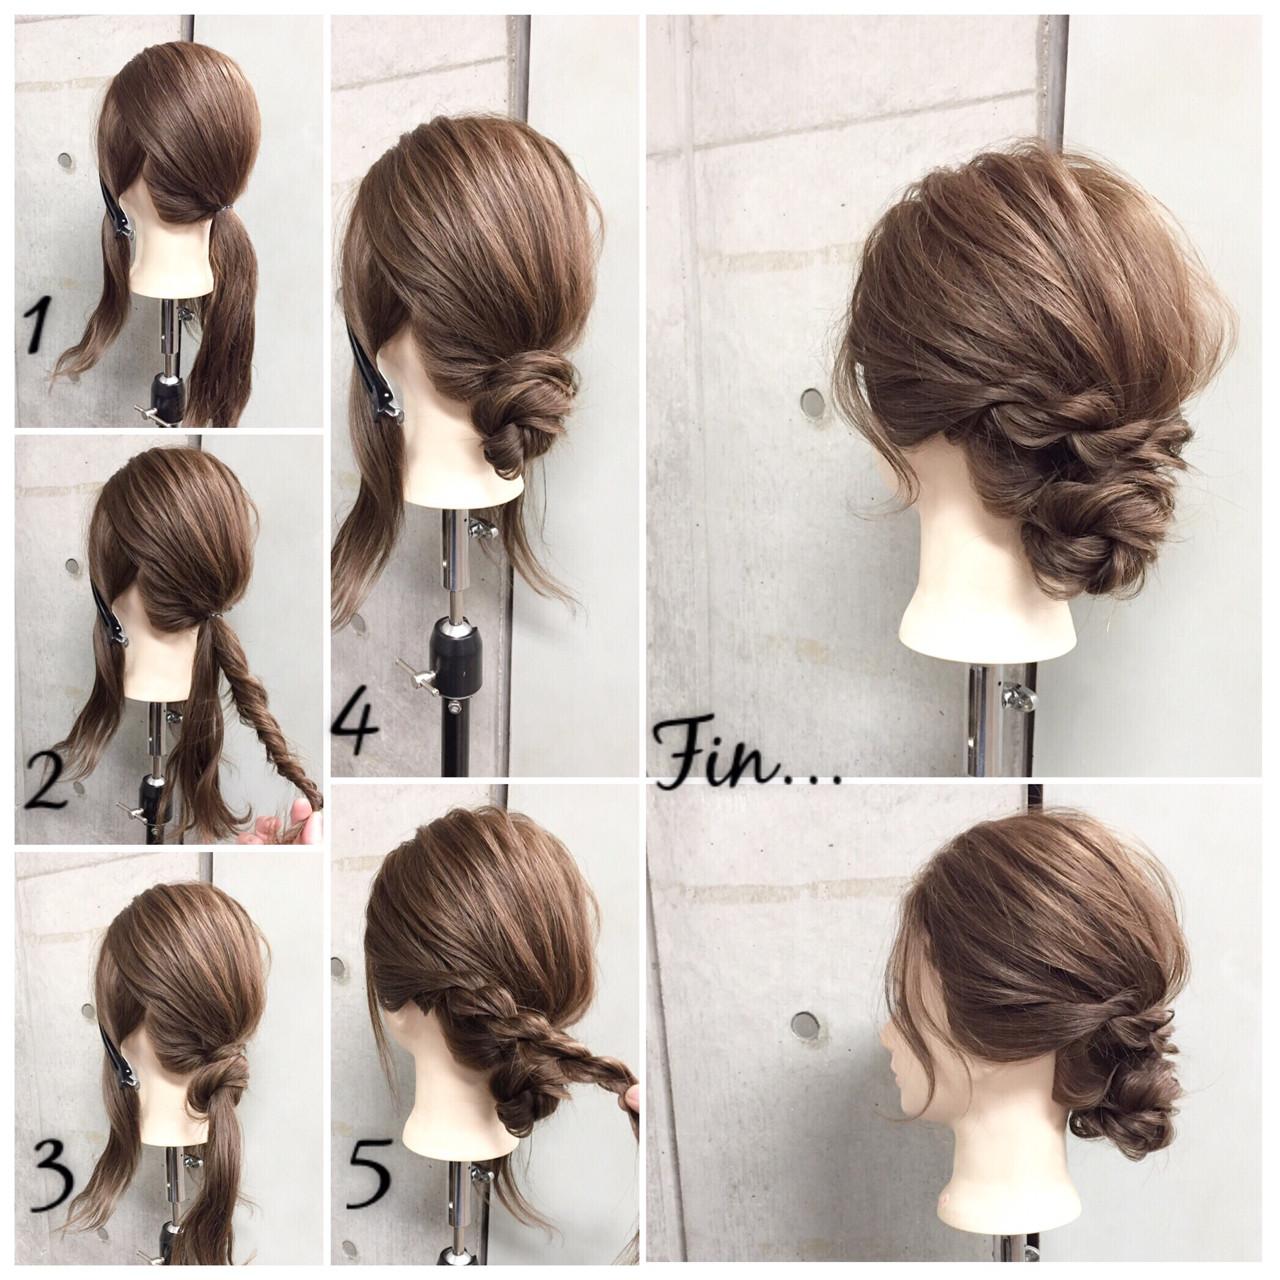 ショート 簡単ヘアアレンジ セミロング ラフ ヘアスタイルや髪型の写真・画像 | 東海林翔太 LinobyU-REALM / Lino by U-REALM